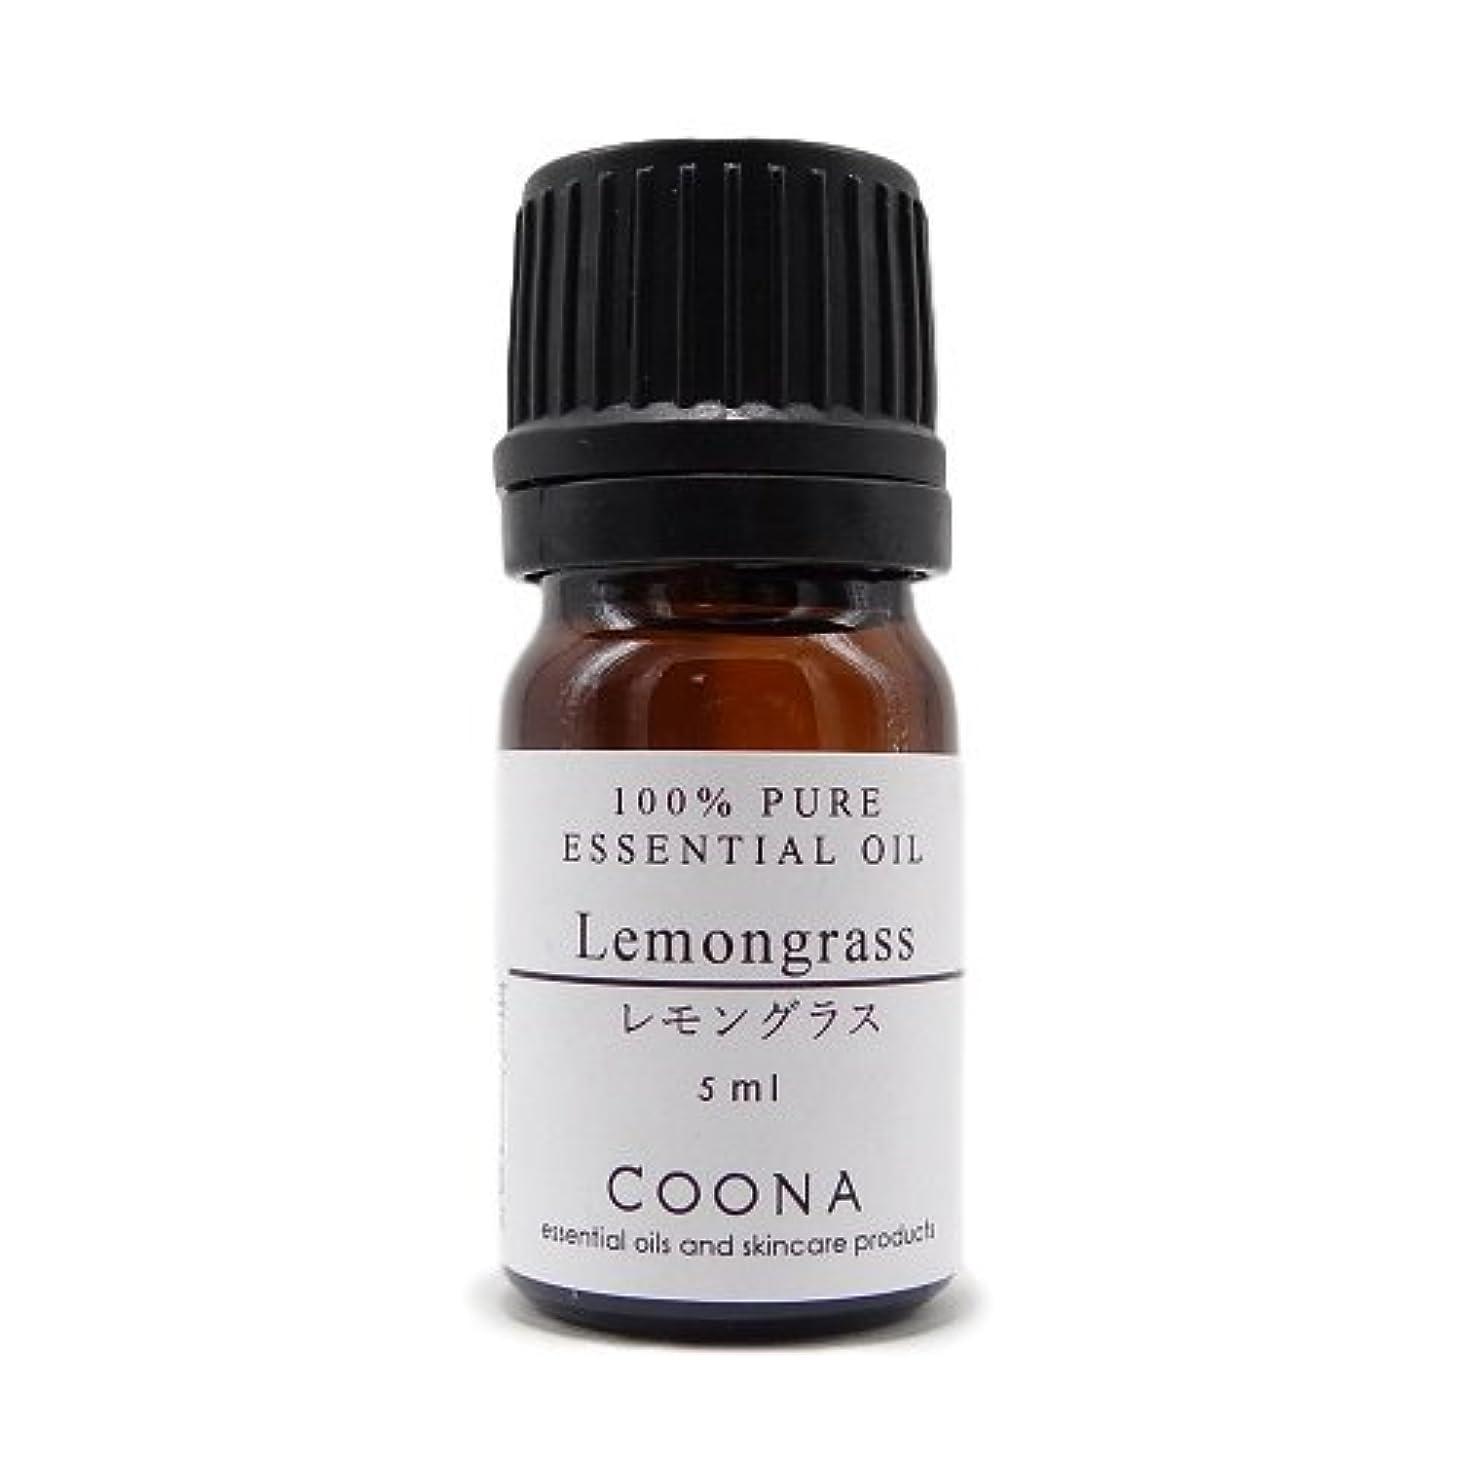 海上過激派一部レモングラス 5ml (COONA エッセンシャルオイル アロマオイル 100%天然植物精油)